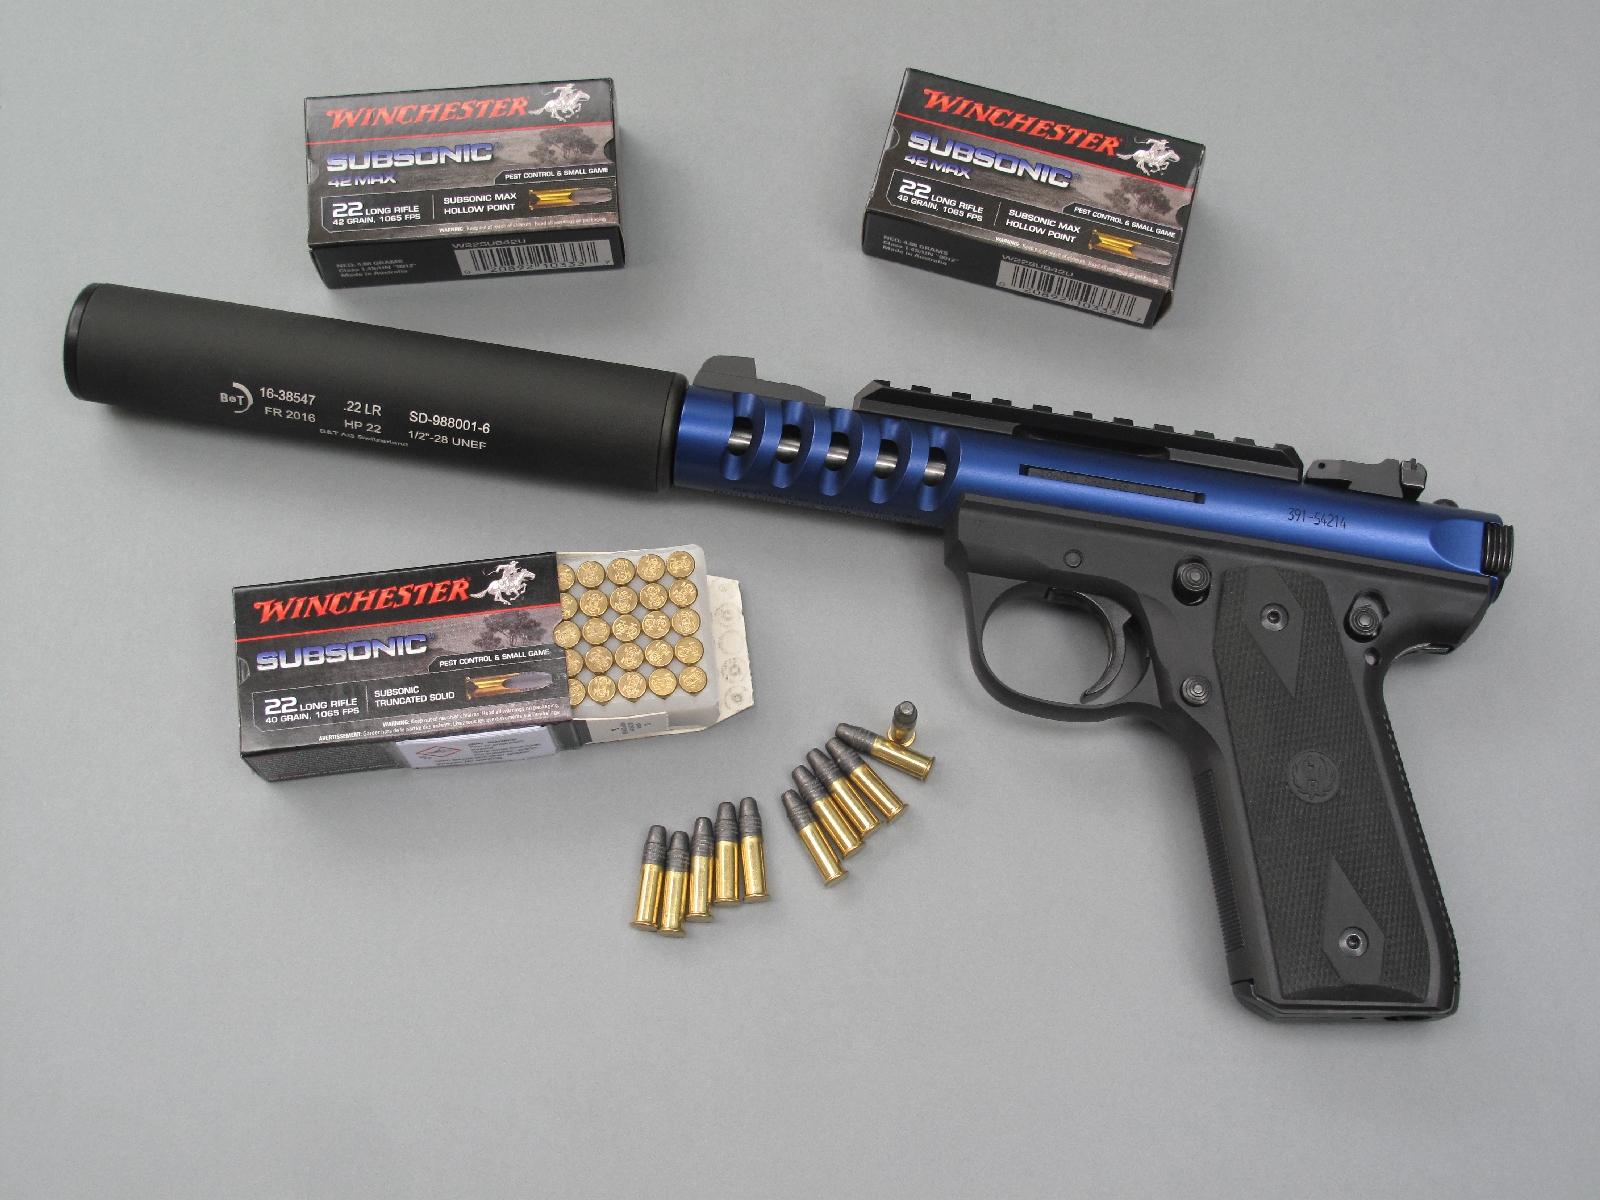 Ce pistolet dispose d'un filetage au standard ½-28 UNEF permettant l'installation d'un modérateur de son, à l'image du Brügger & Thomet HP 22 que nous avons utilisé sur notre arme de test.